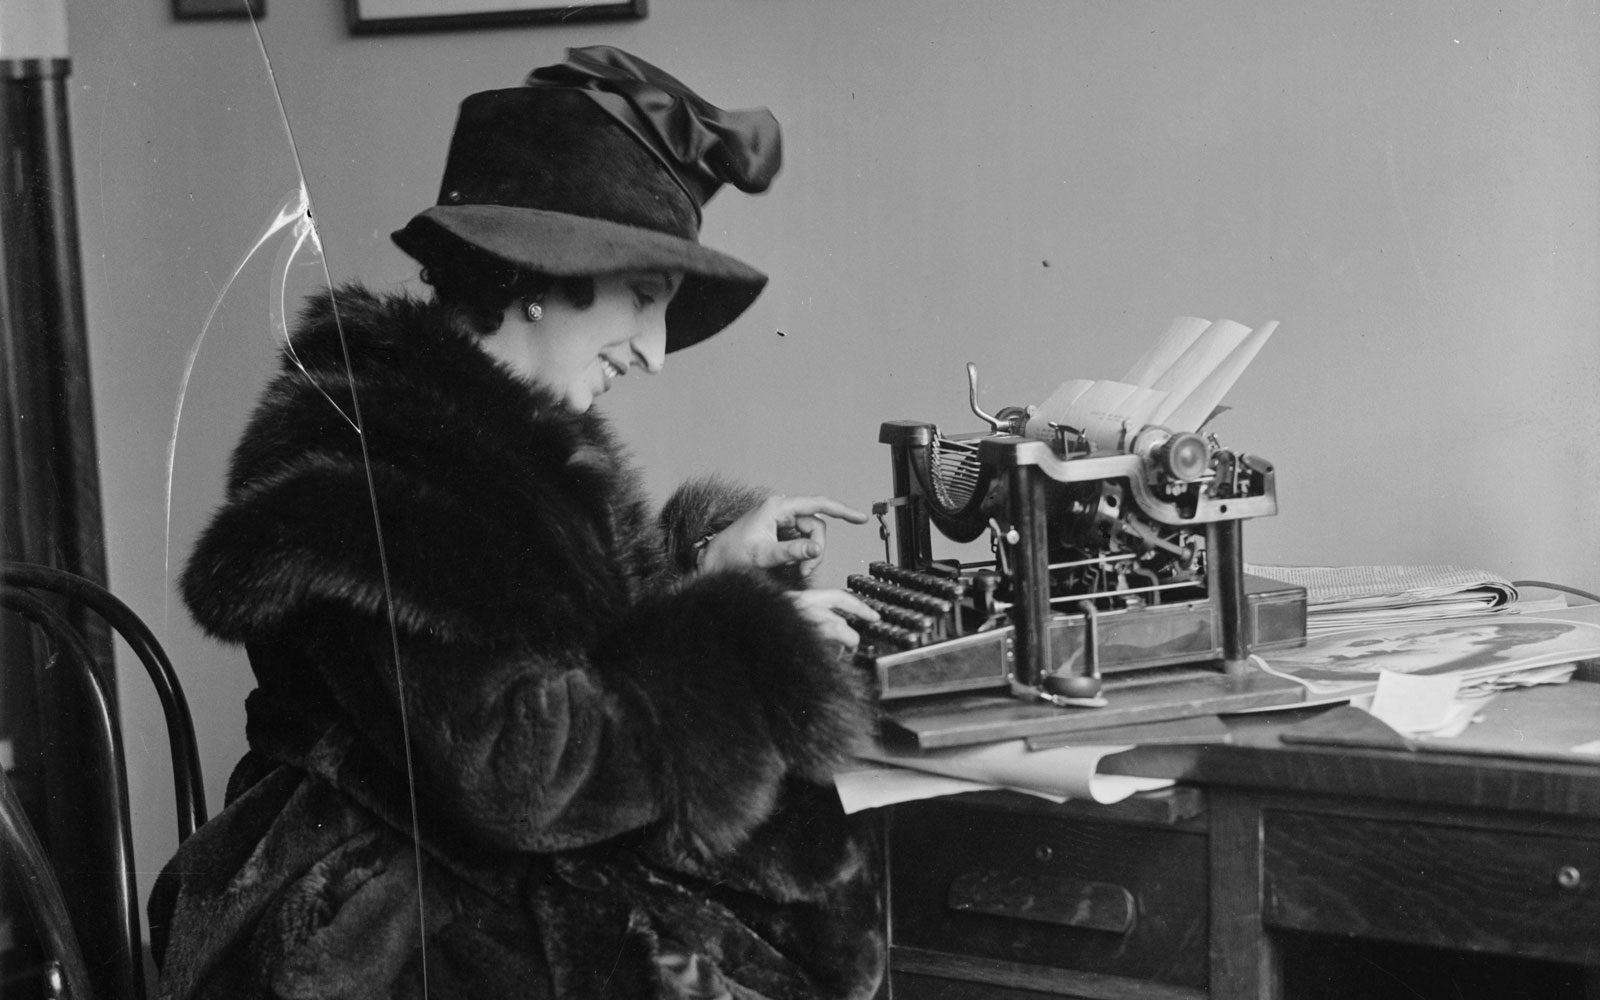 Amelita Galli-Curci escrivint a màquina, c. 1920